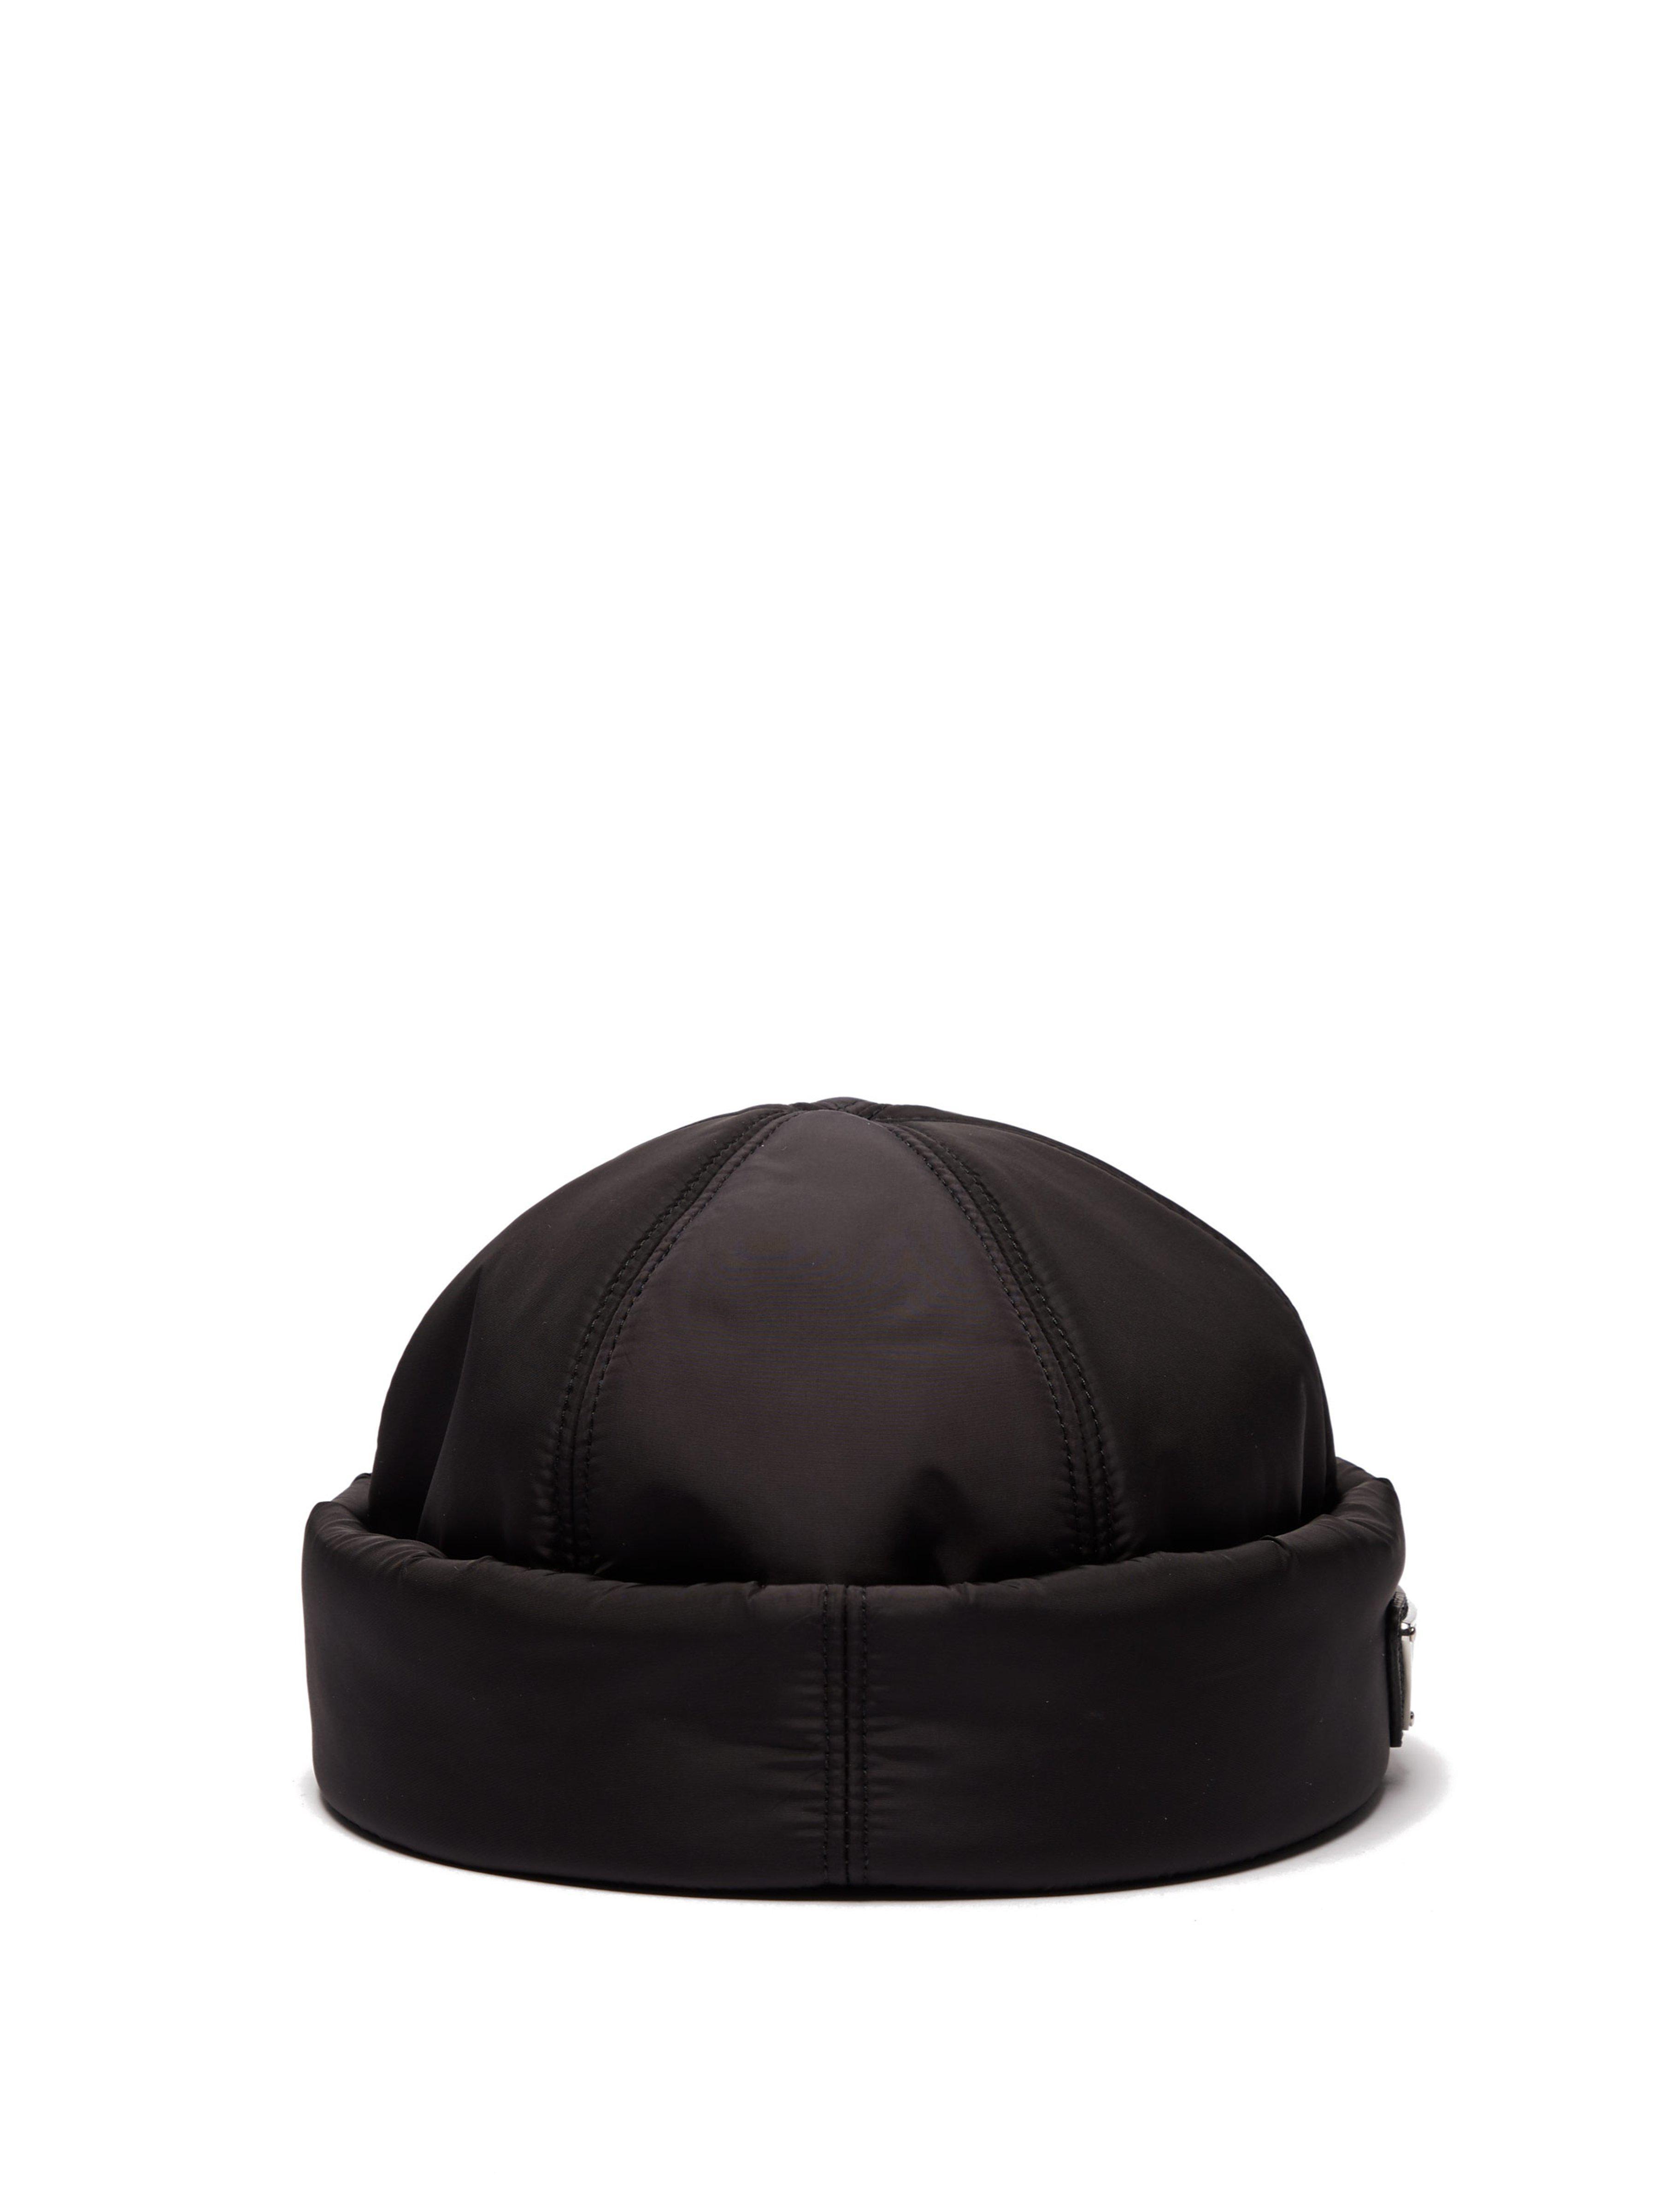 aa5ecfee461 Prada Padded Nylon Beanie Hat in Black for Men - Lyst